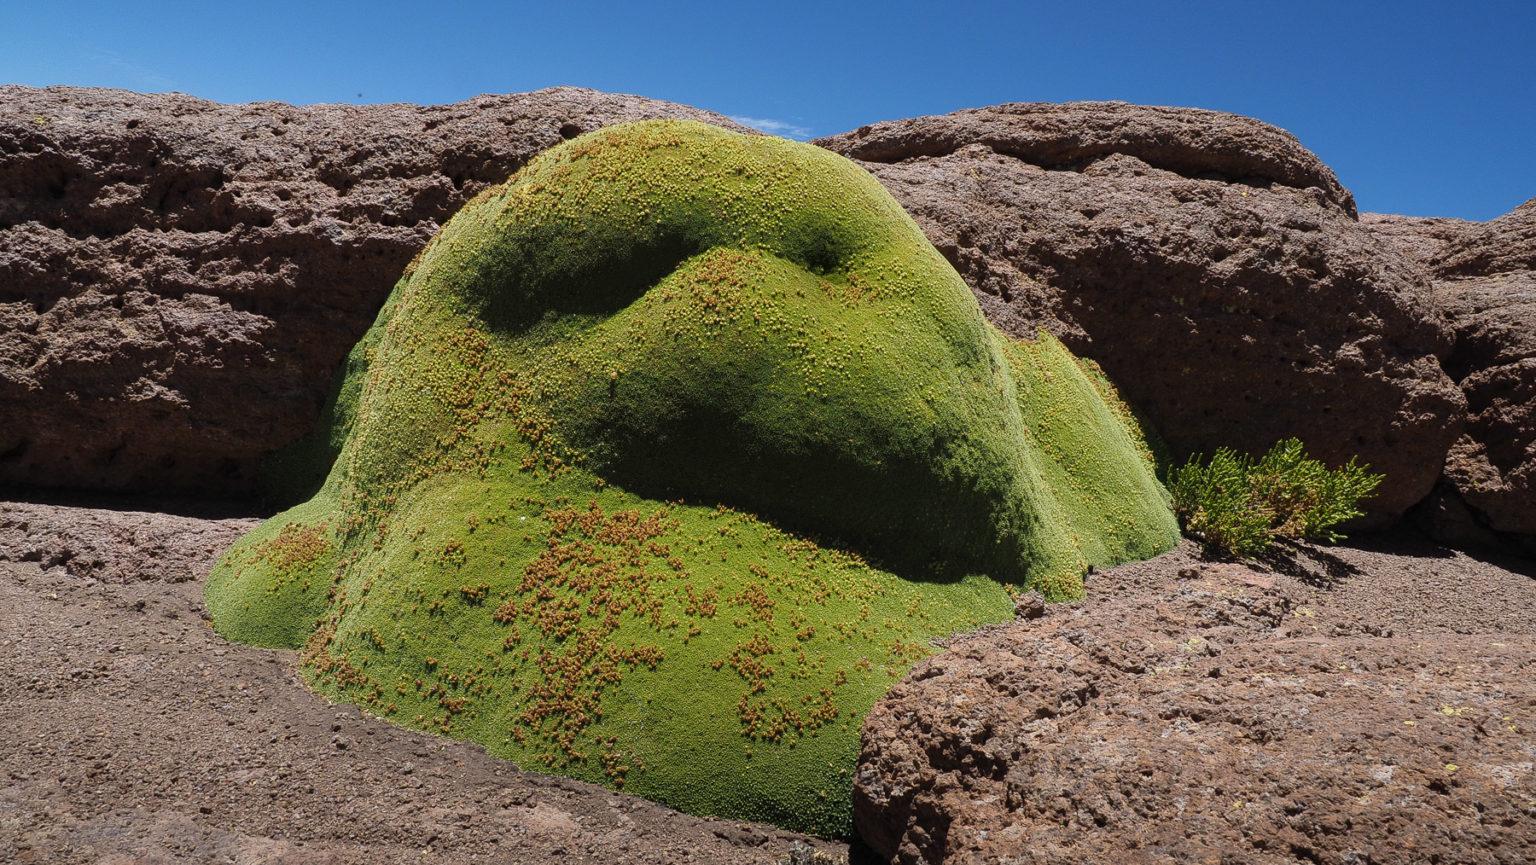 Eine Rarität diese dicken grünen Moosposter in der Wüste